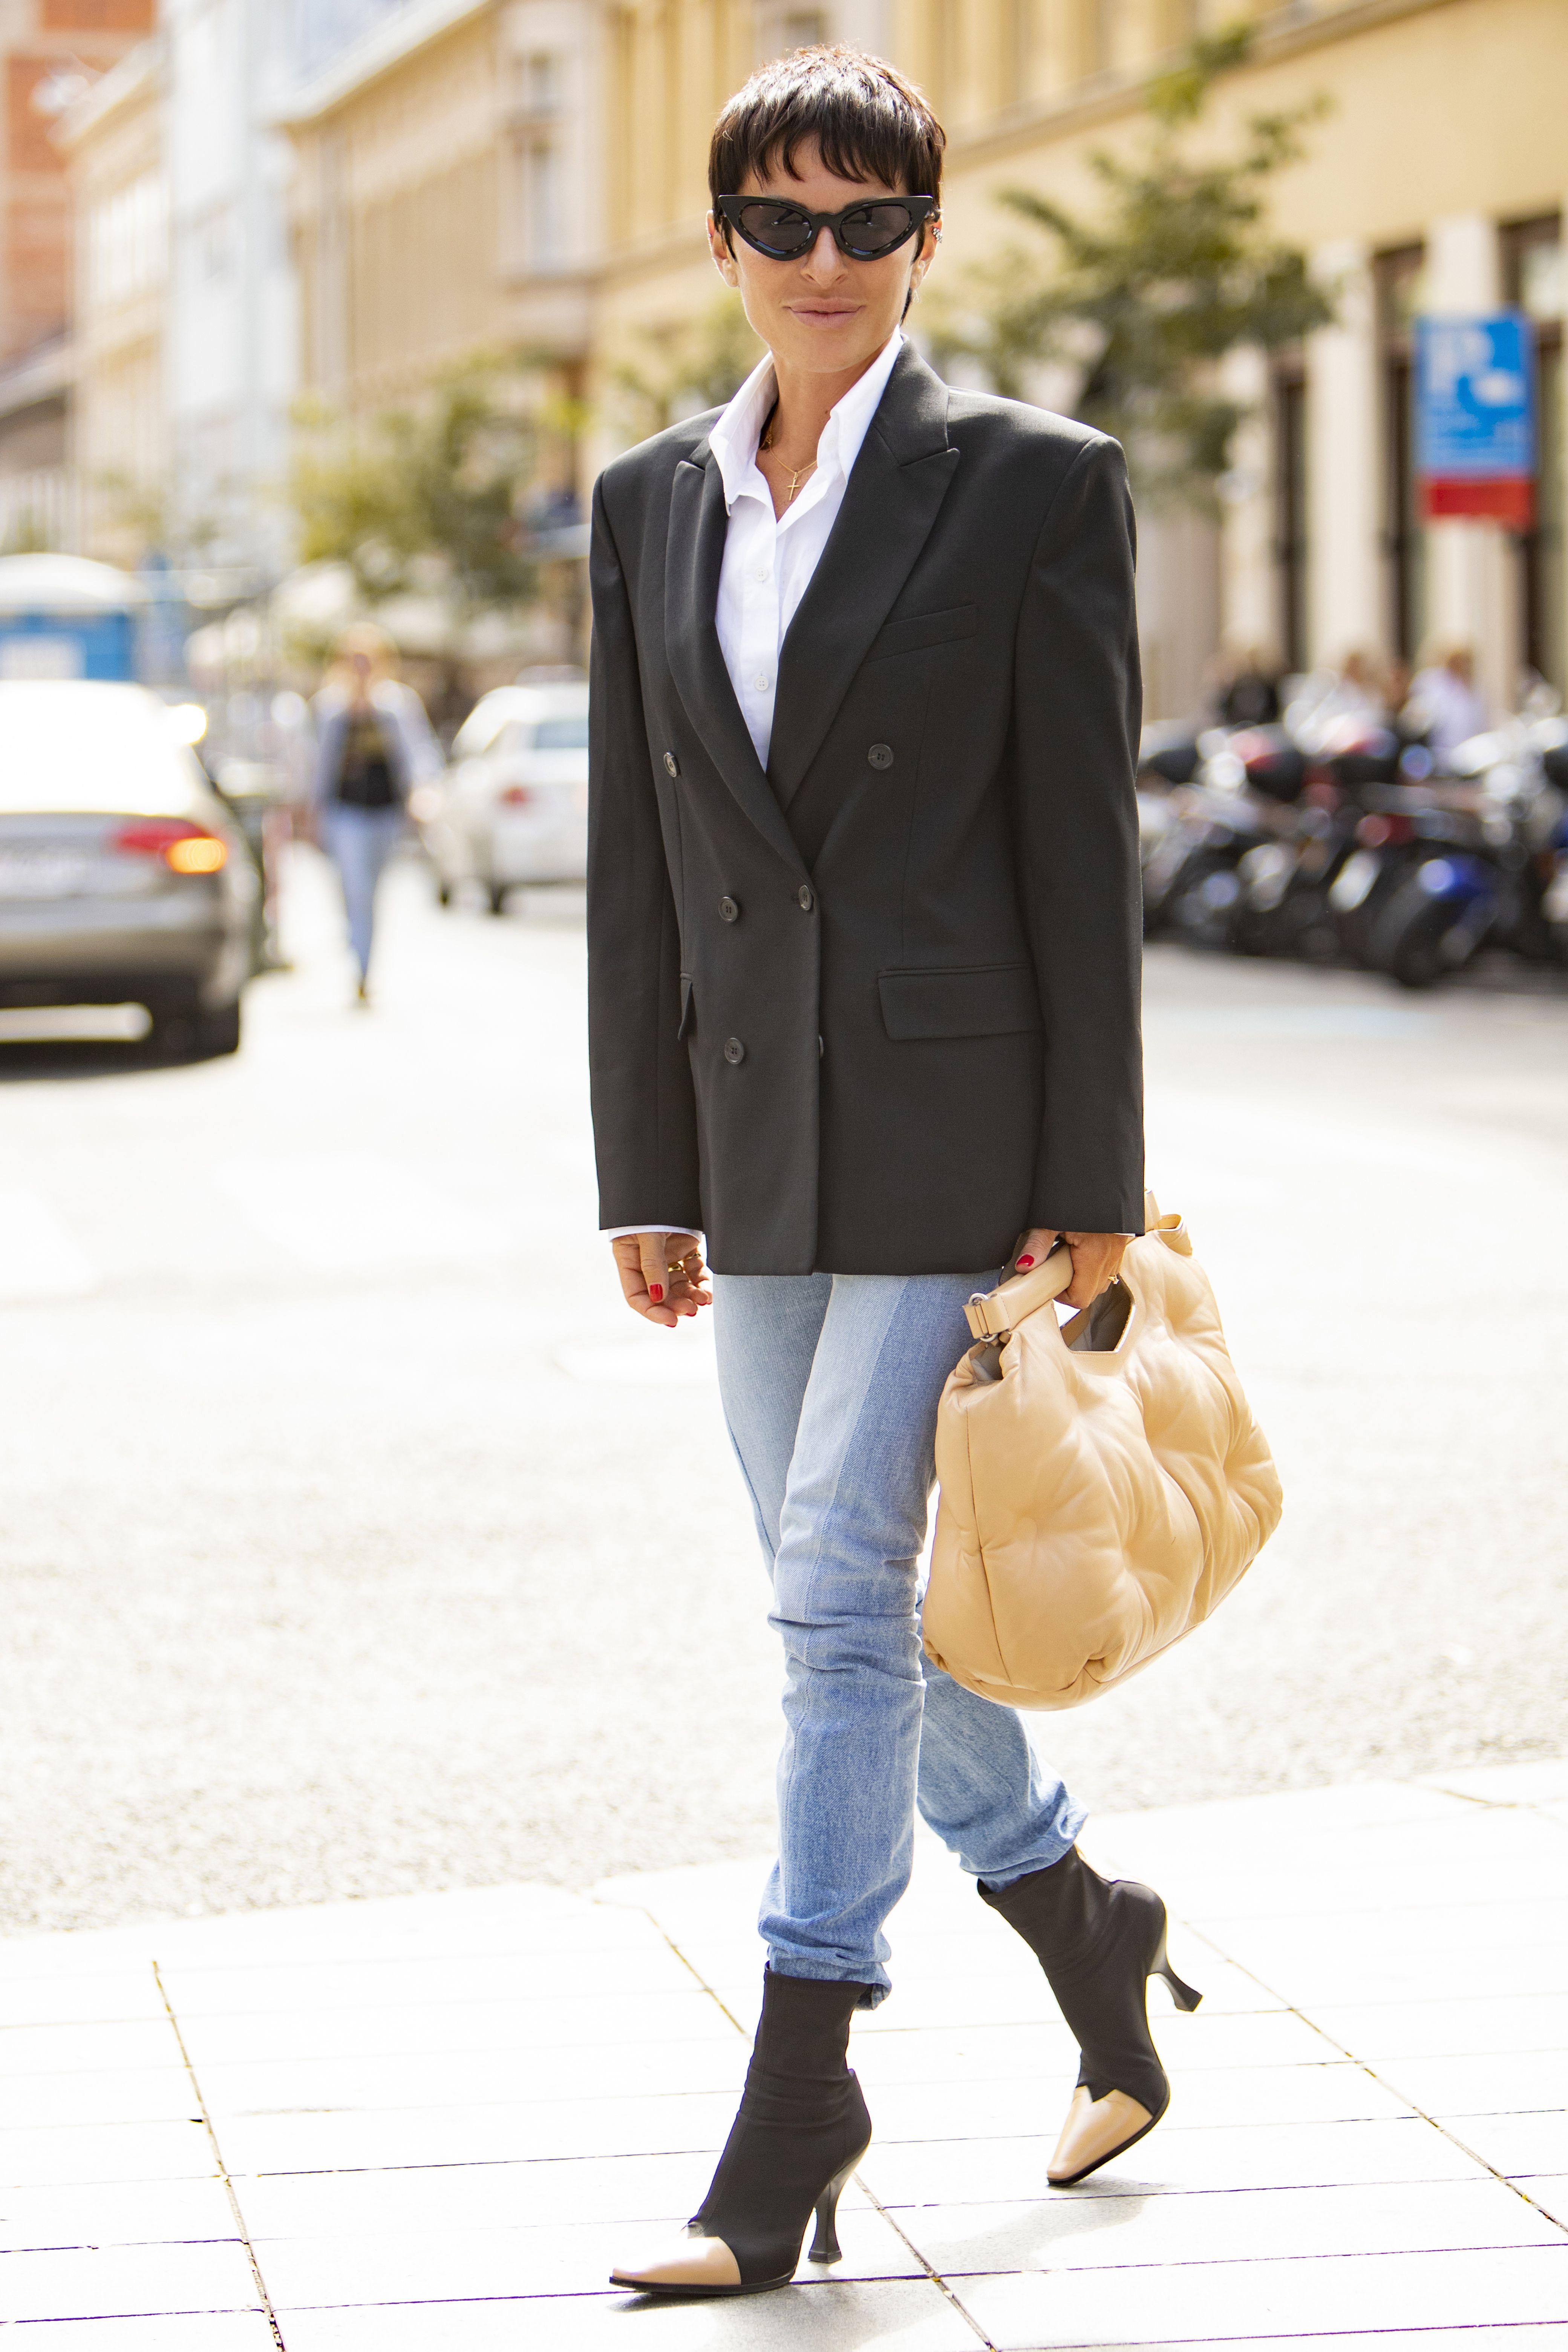 Poznata zagrebačka odvjetnica prošetala u stylingu koji ne možete ne primijetiti